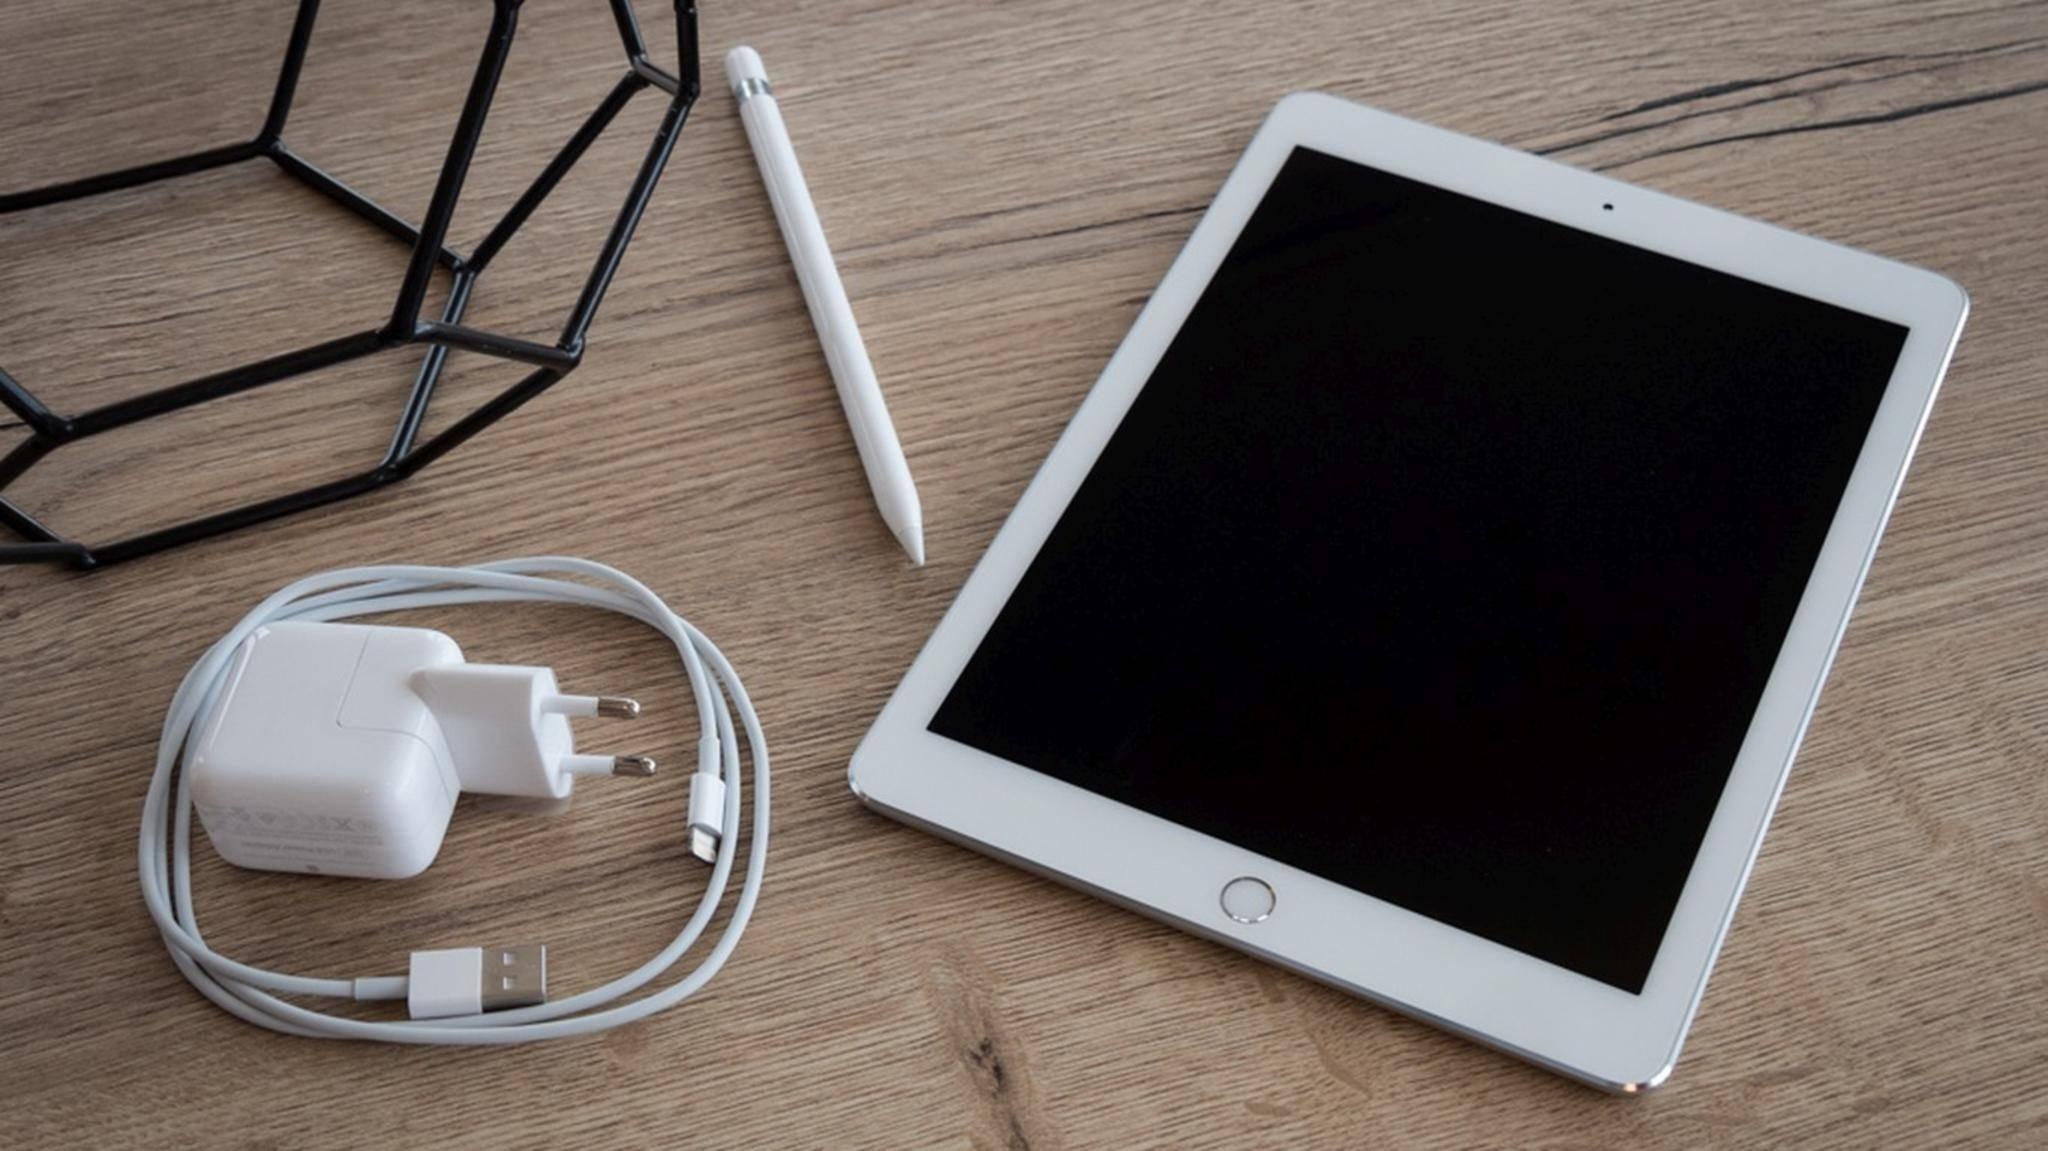 Das neue 10,5 Zoll große iPad Pro (hier das 9,7 Zoll-Modell) könnte Eigenschaften des iPad mini mit jenen des iPad Pro 12,9 verbinden.